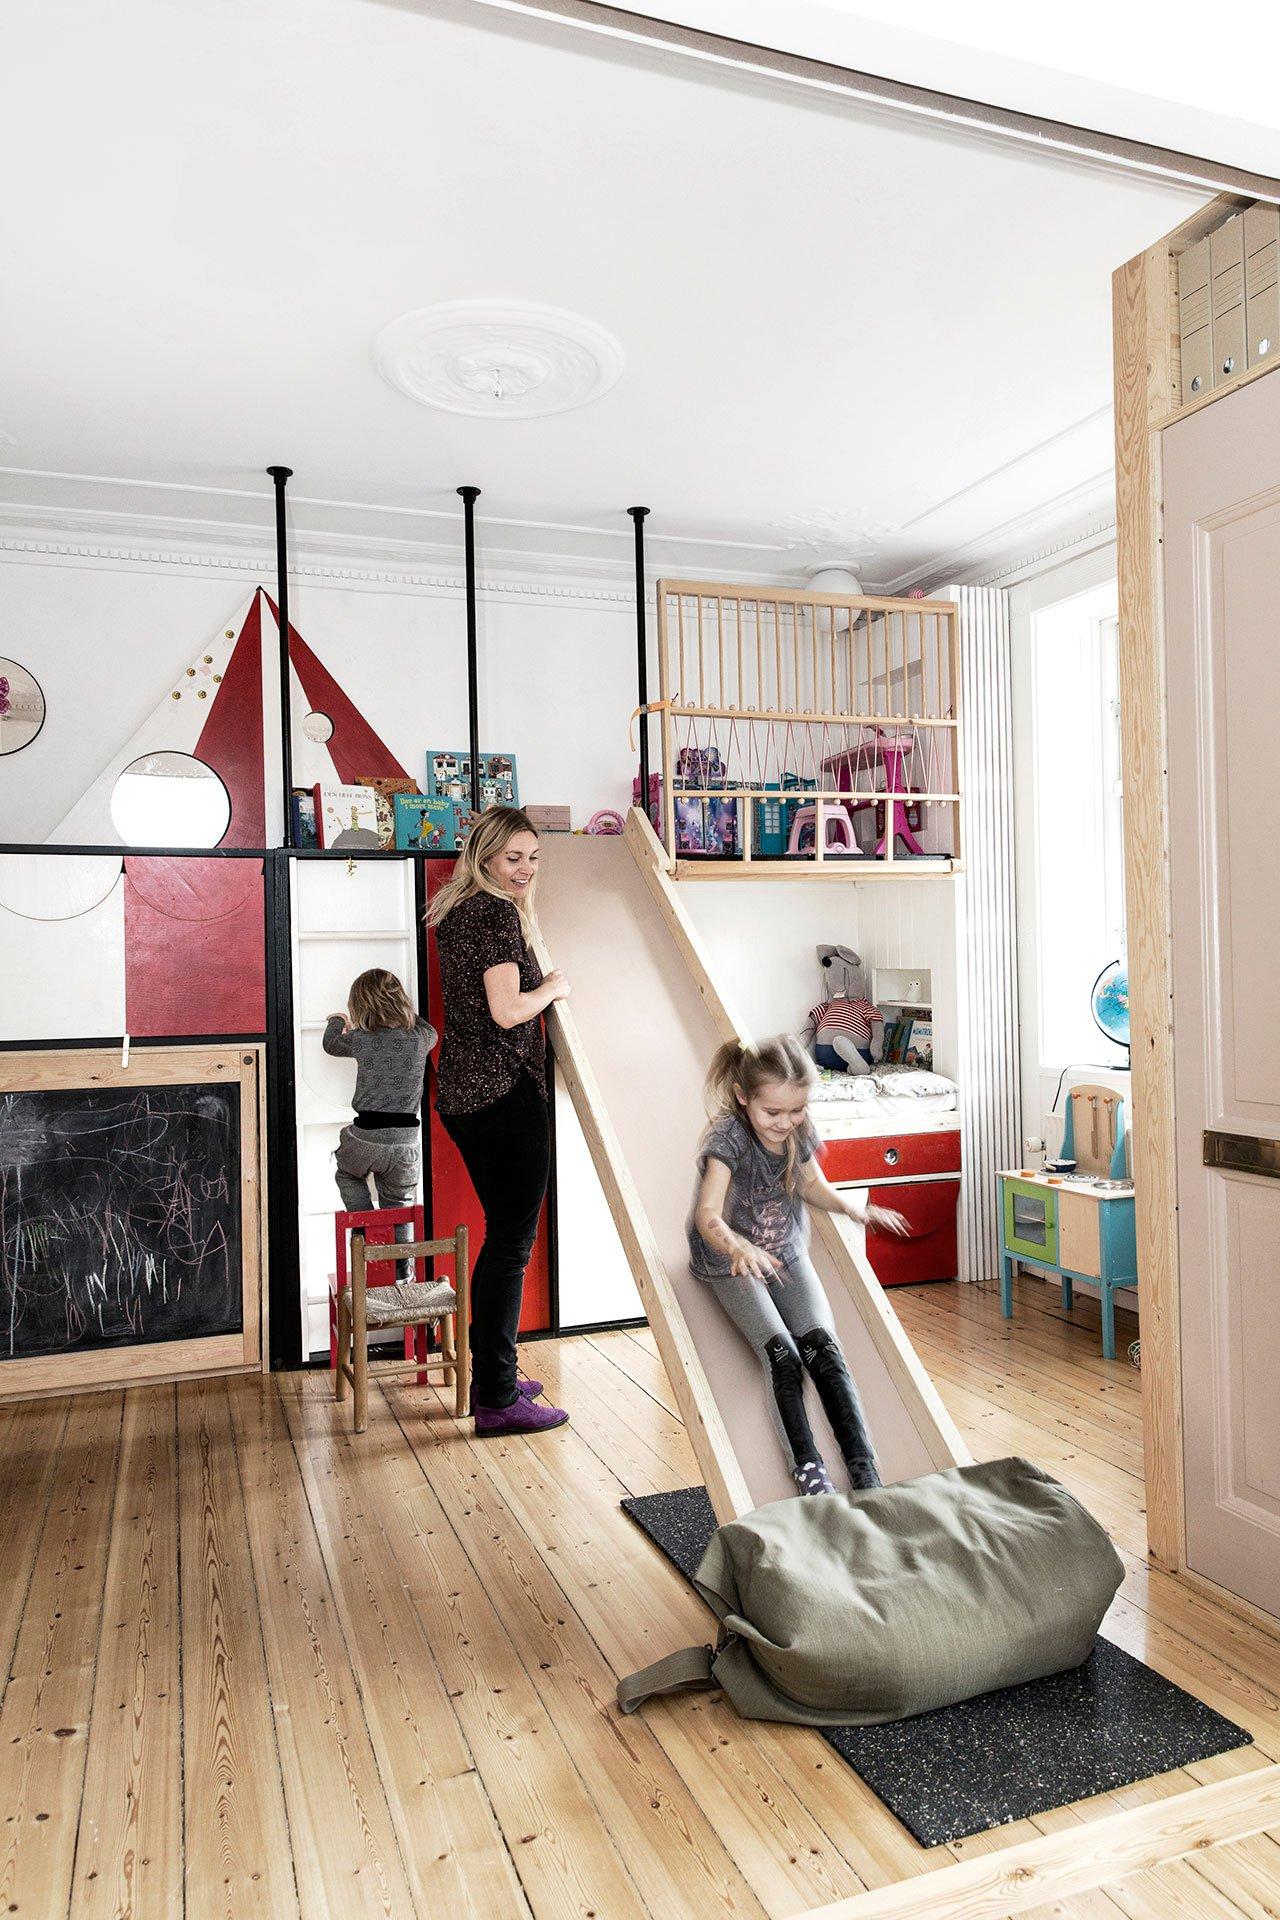 Интерьер однушки игровой конструкцией для детей